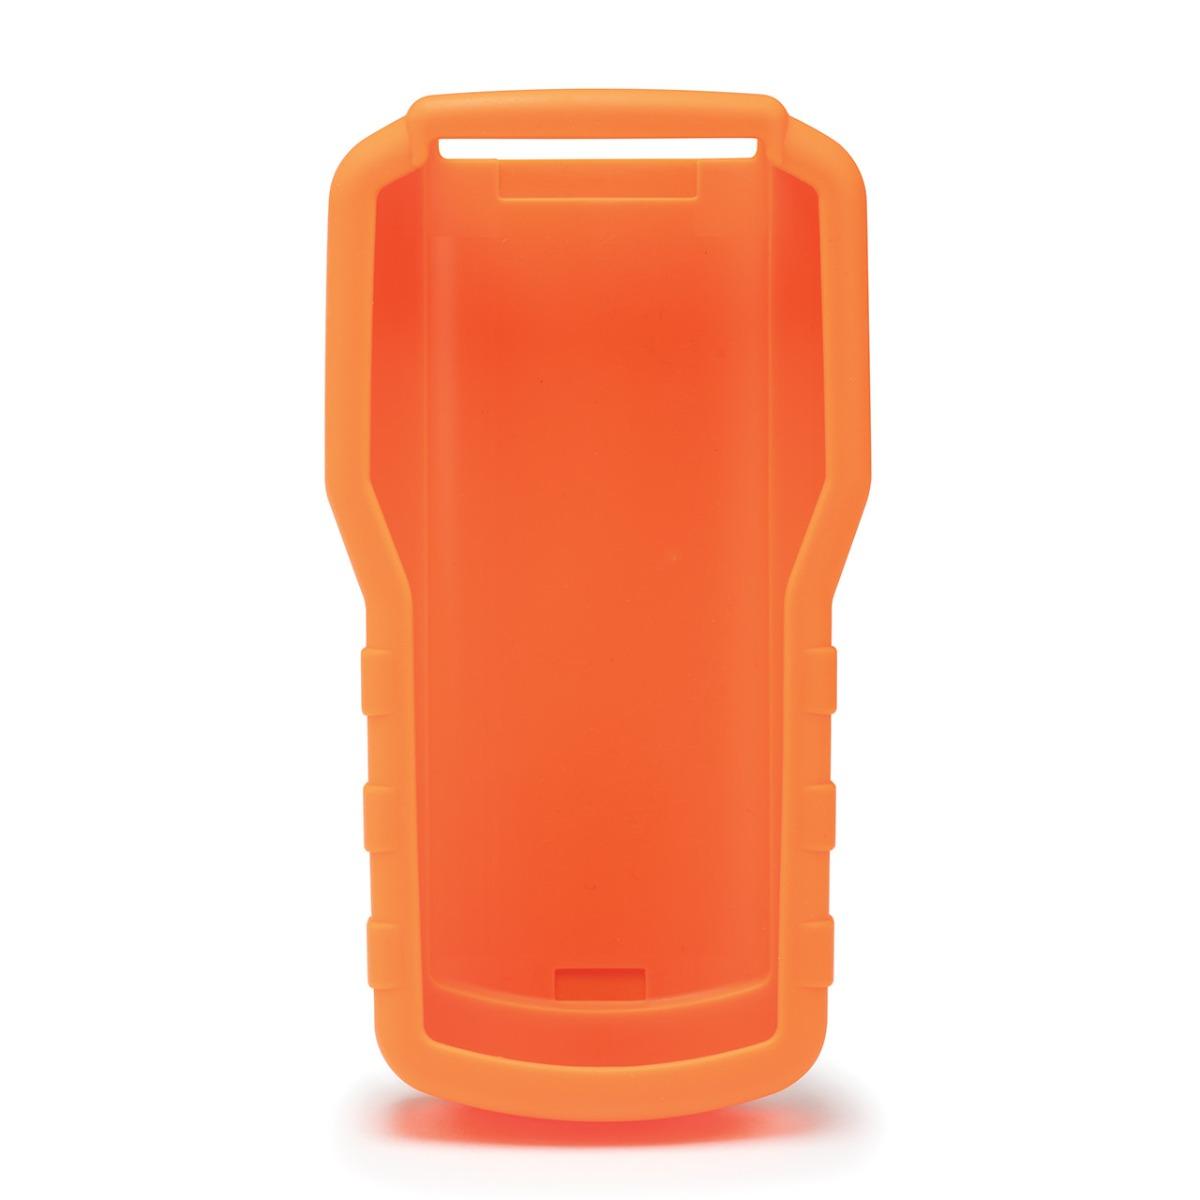 HI710034 Shockproof Rubber Boot (Orange)